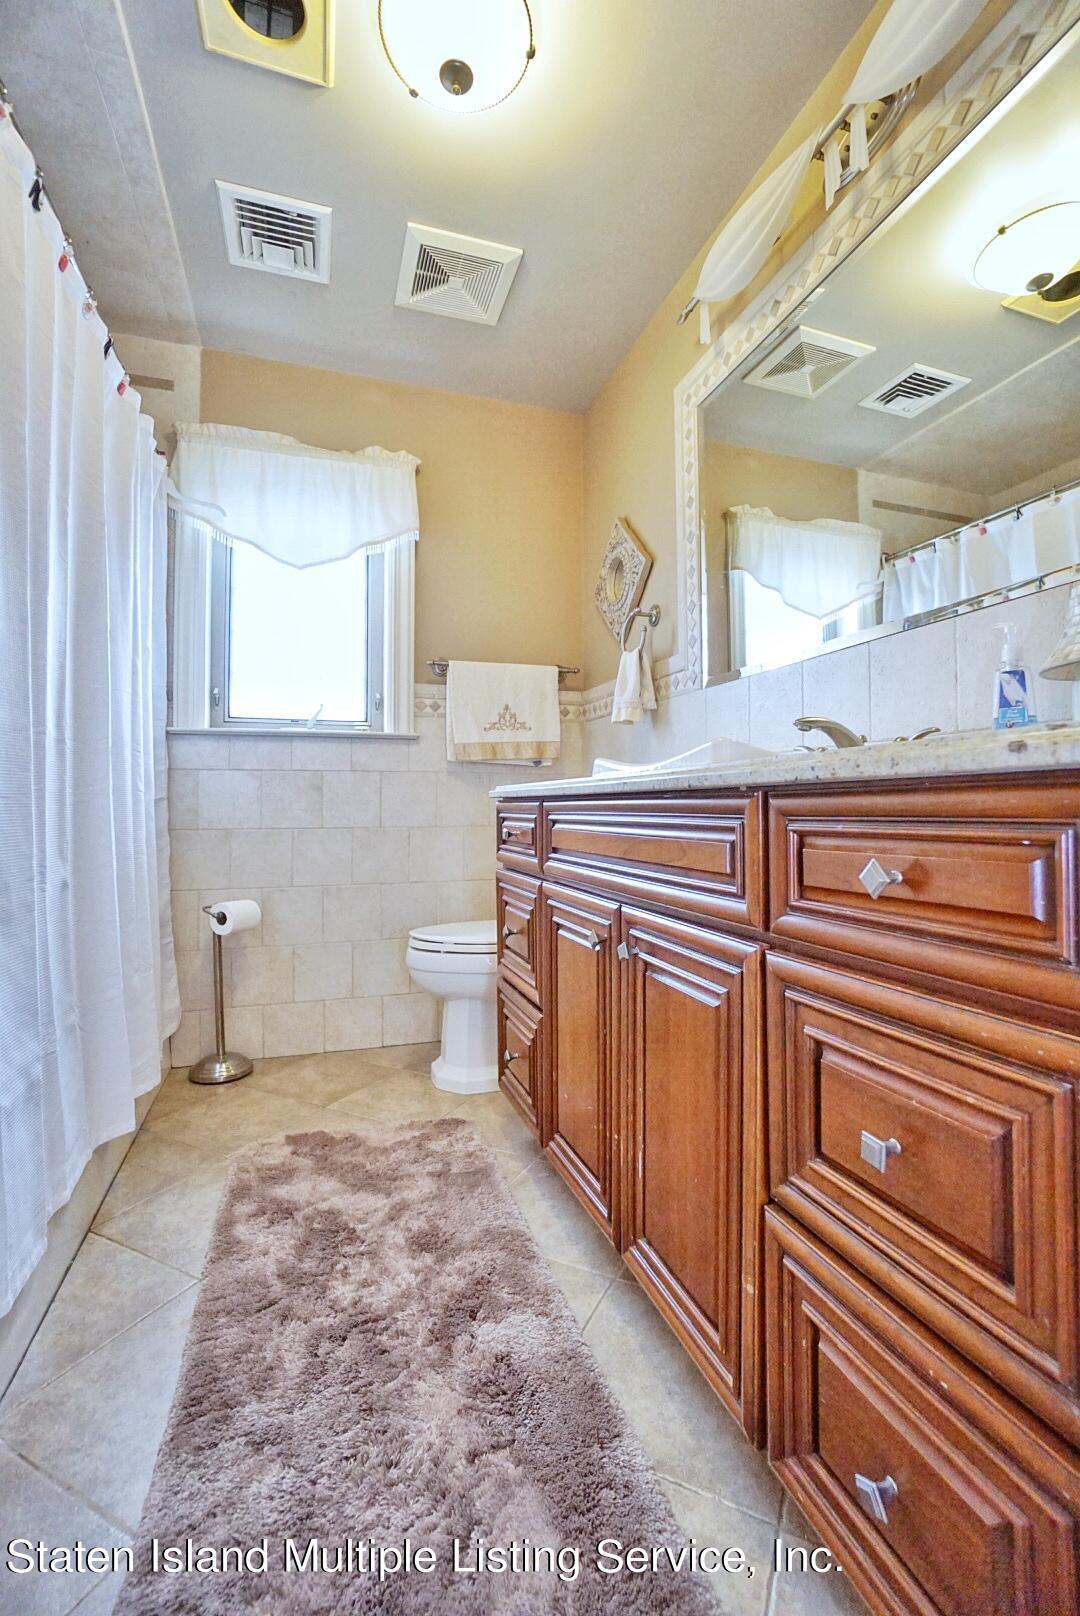 Single Family - Detached 206 Ramapo Avenue  Staten Island, NY 10309, MLS-1147193-28